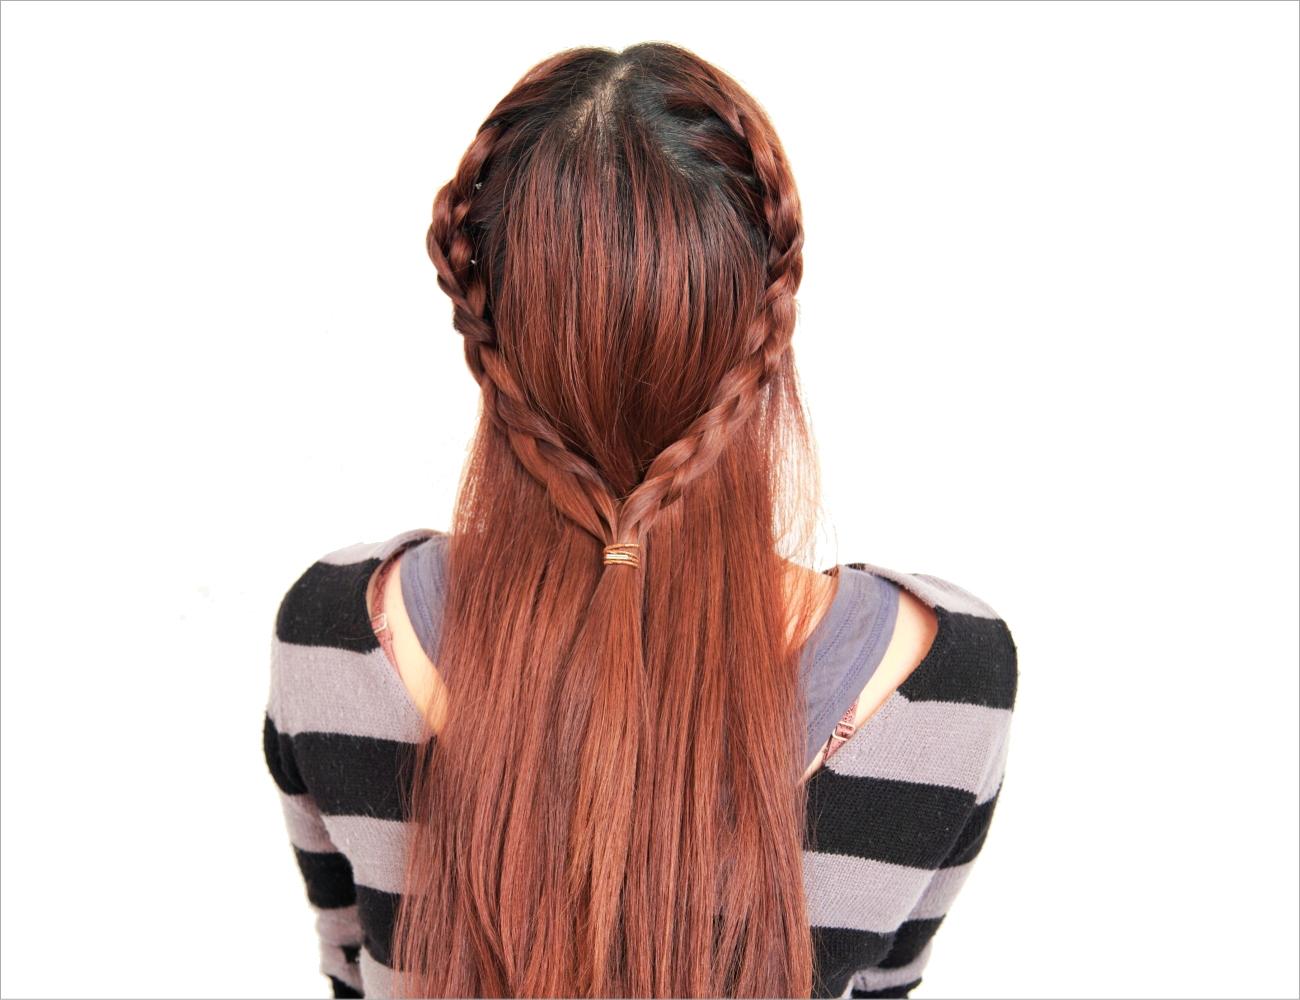 サイド編み込みストレートヘア